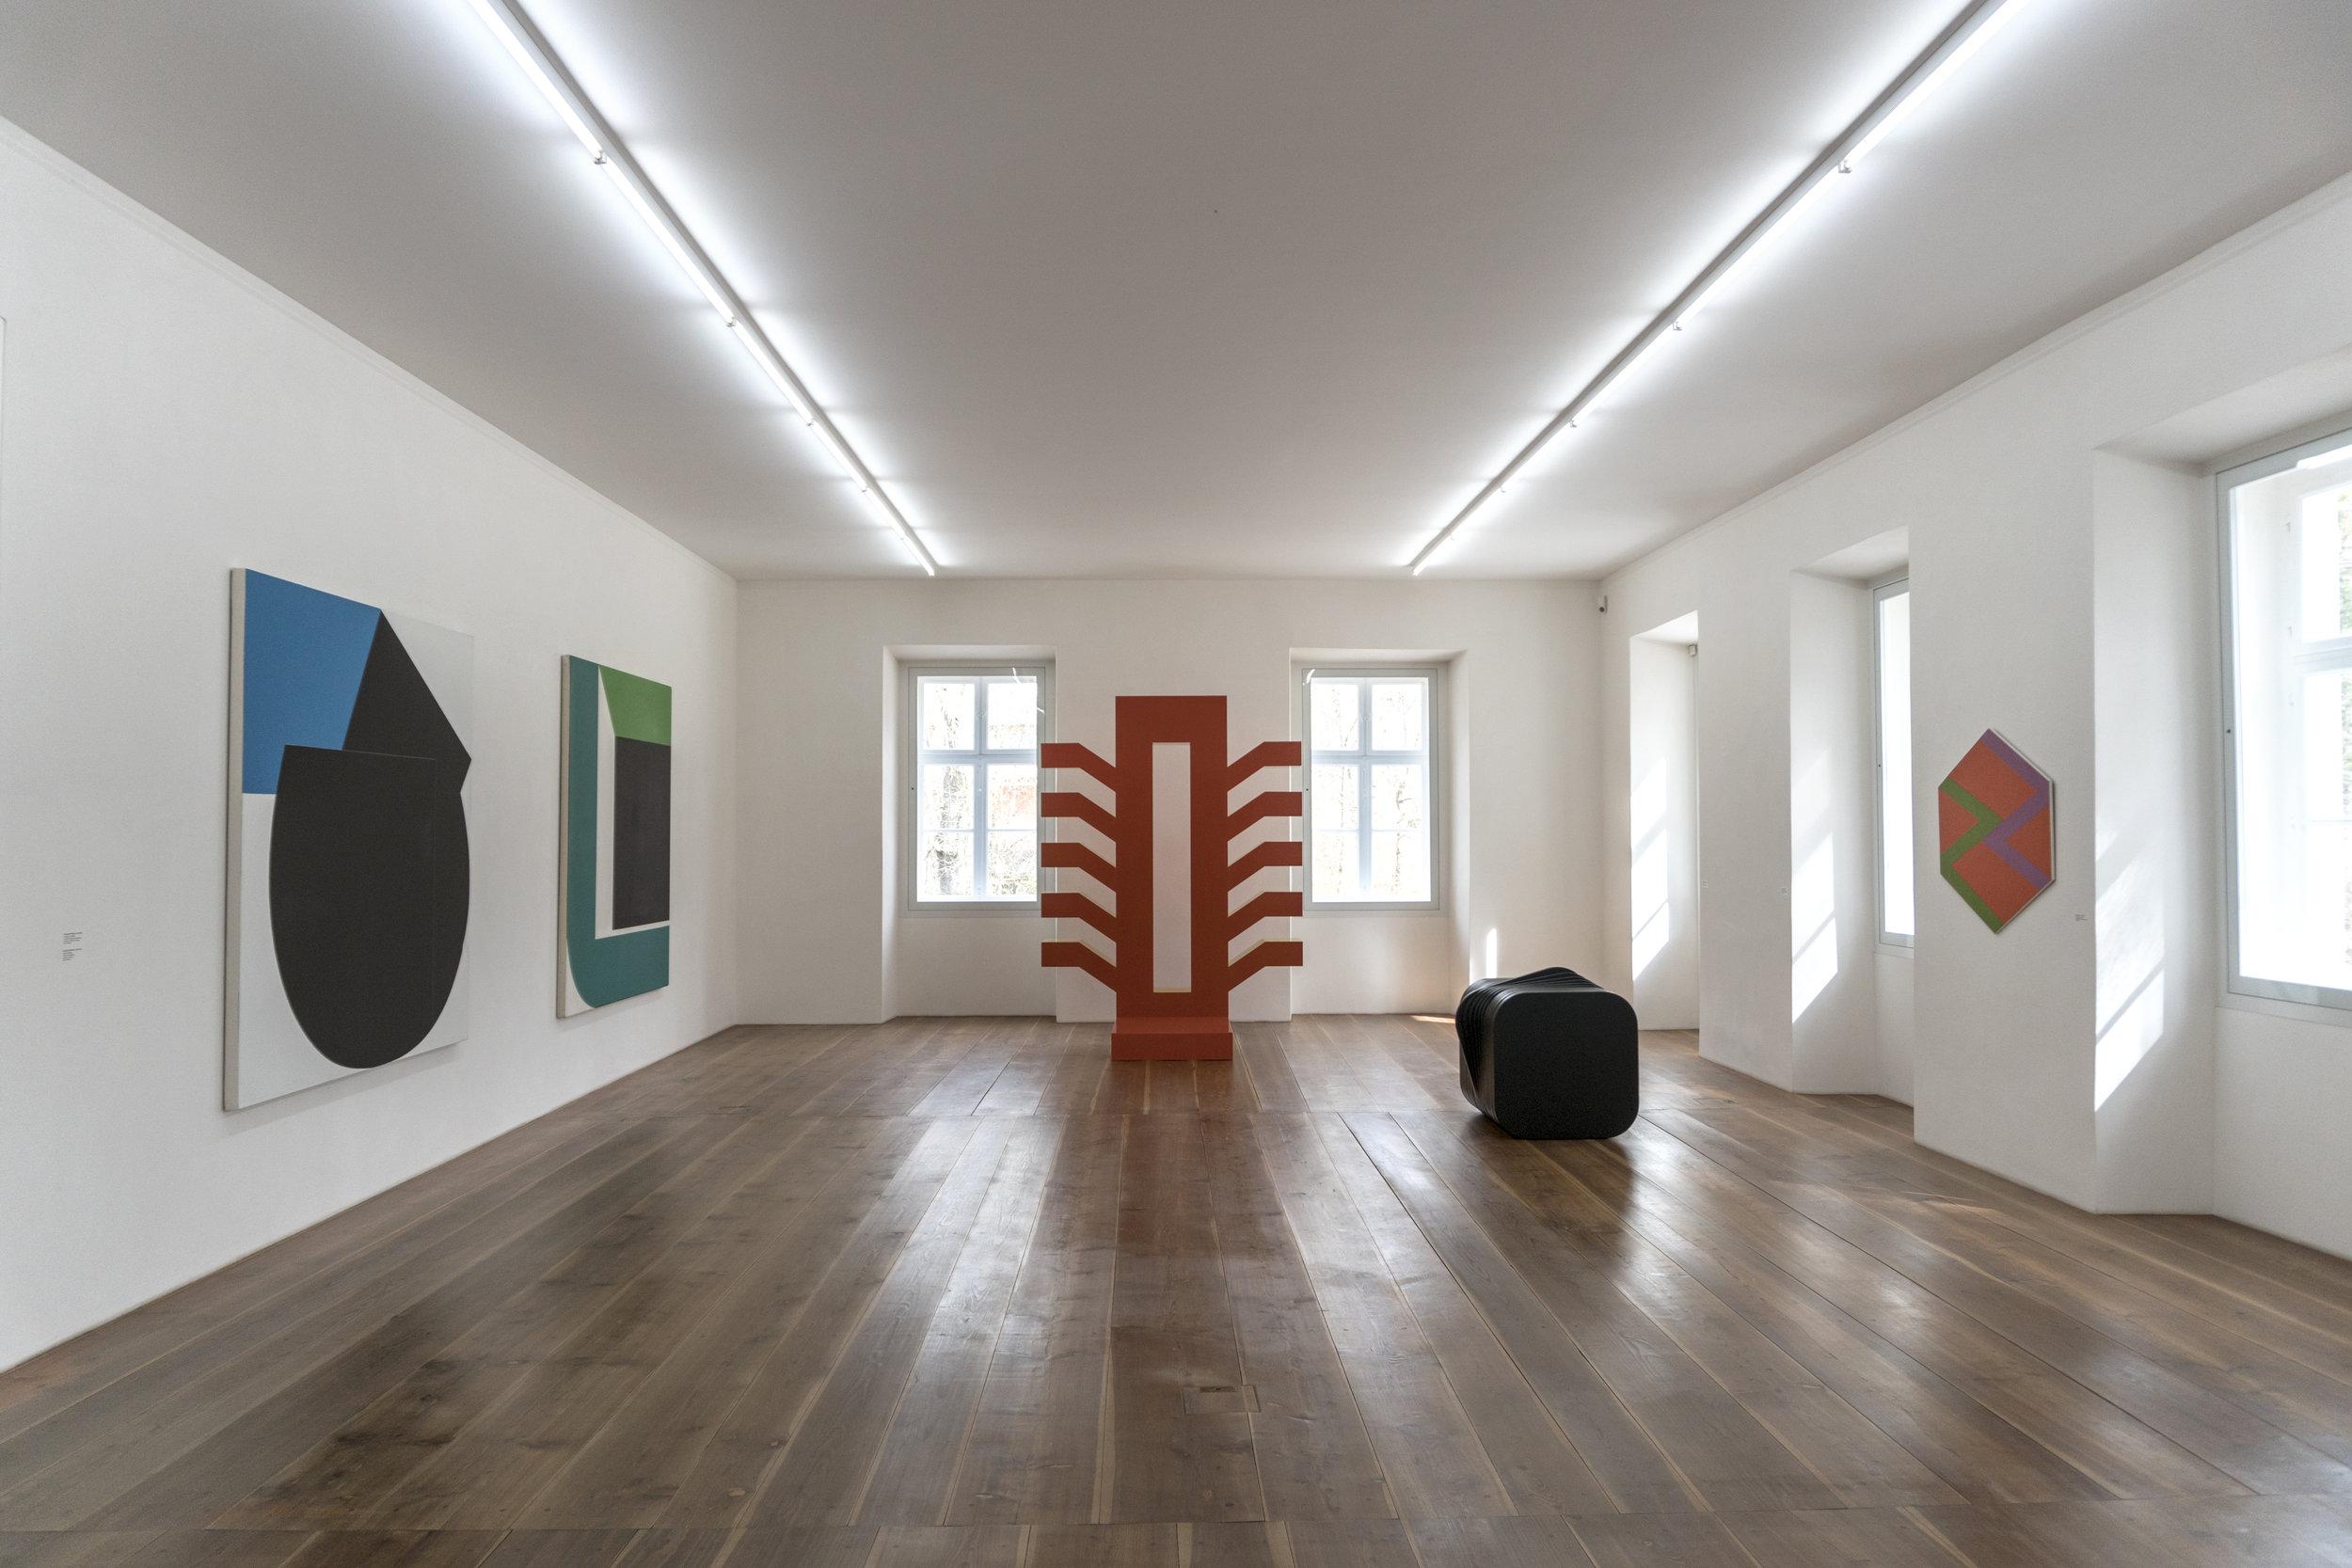 """Exposition  """"colorful. farbenfroh""""  (2018). Oeuvres de:  Otto Herbert Hajek  (au centre): """"Farbwege 68/6"""" (1968) -  Georg Karl Pfahler  (à gauche): """"Achmed II"""" (1978/79) et """"S-RB"""" (1967/68) -  Thomas Lenk  (sur le plancher, à droite): """"Schichtung 13 (Orkel)"""" -  Winfred Gaul : """"Jazz Sex-a-gon"""" (1967)"""